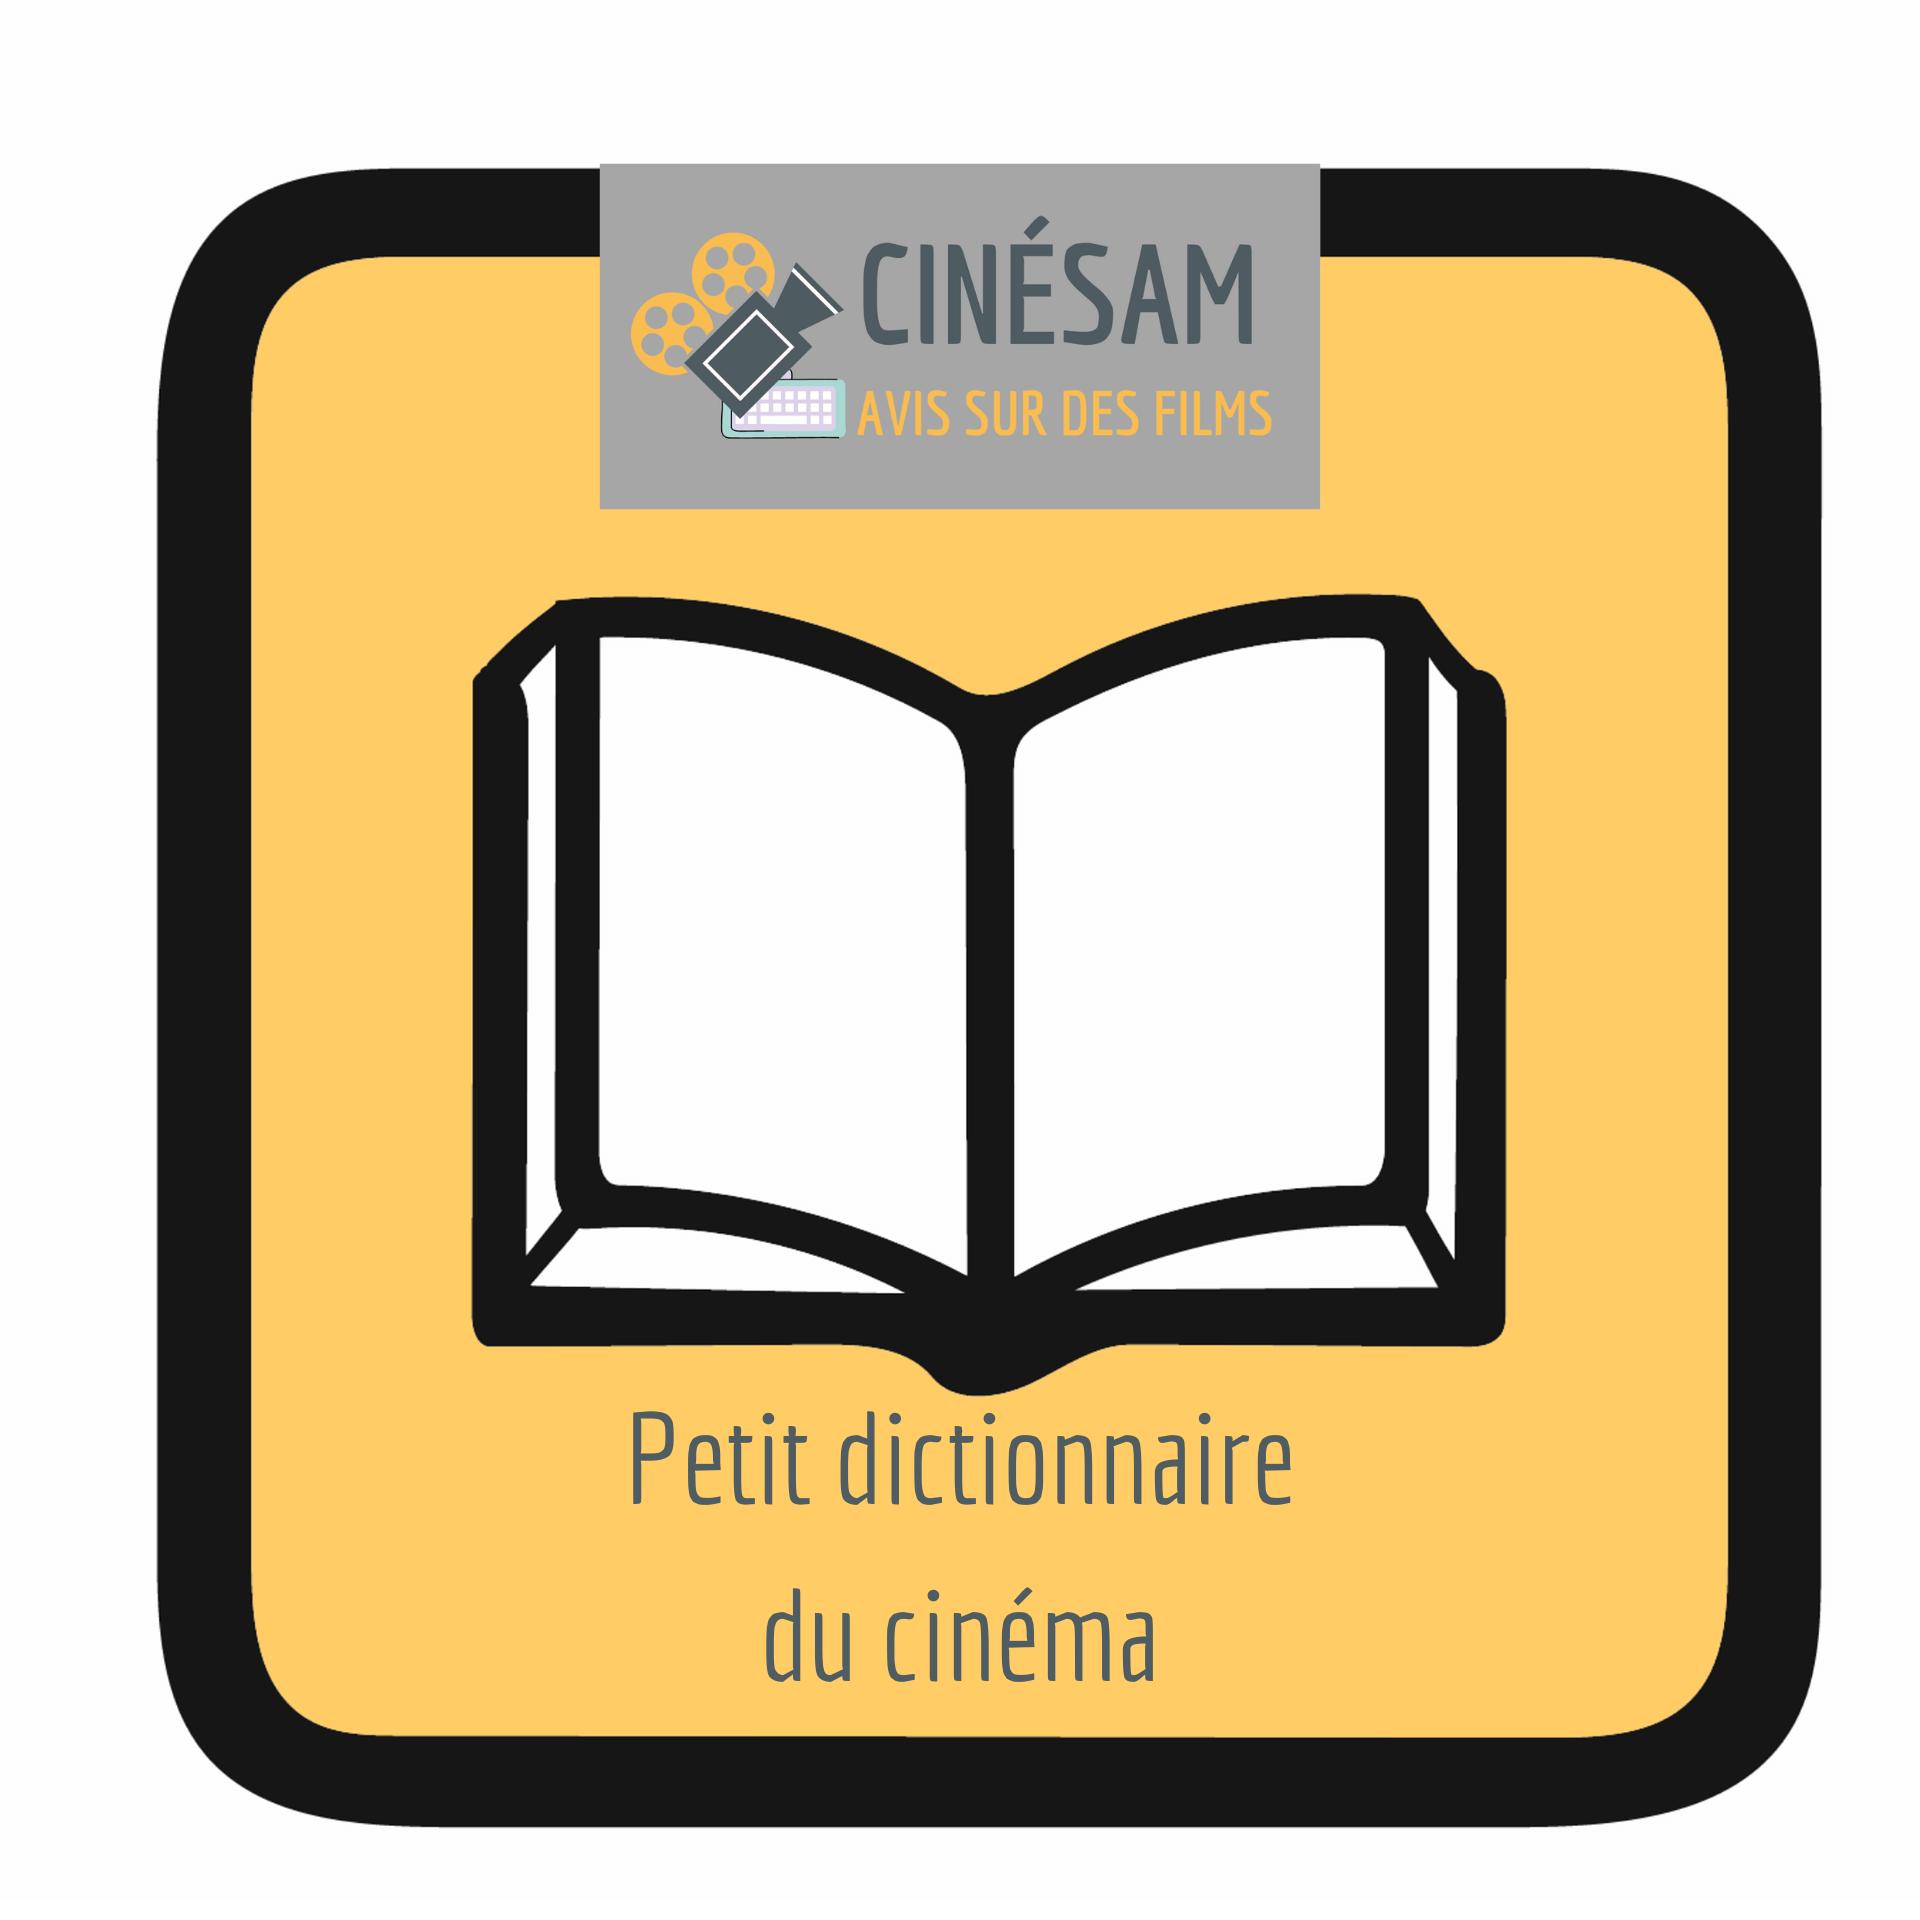 Petit dictionnaire du cinéma